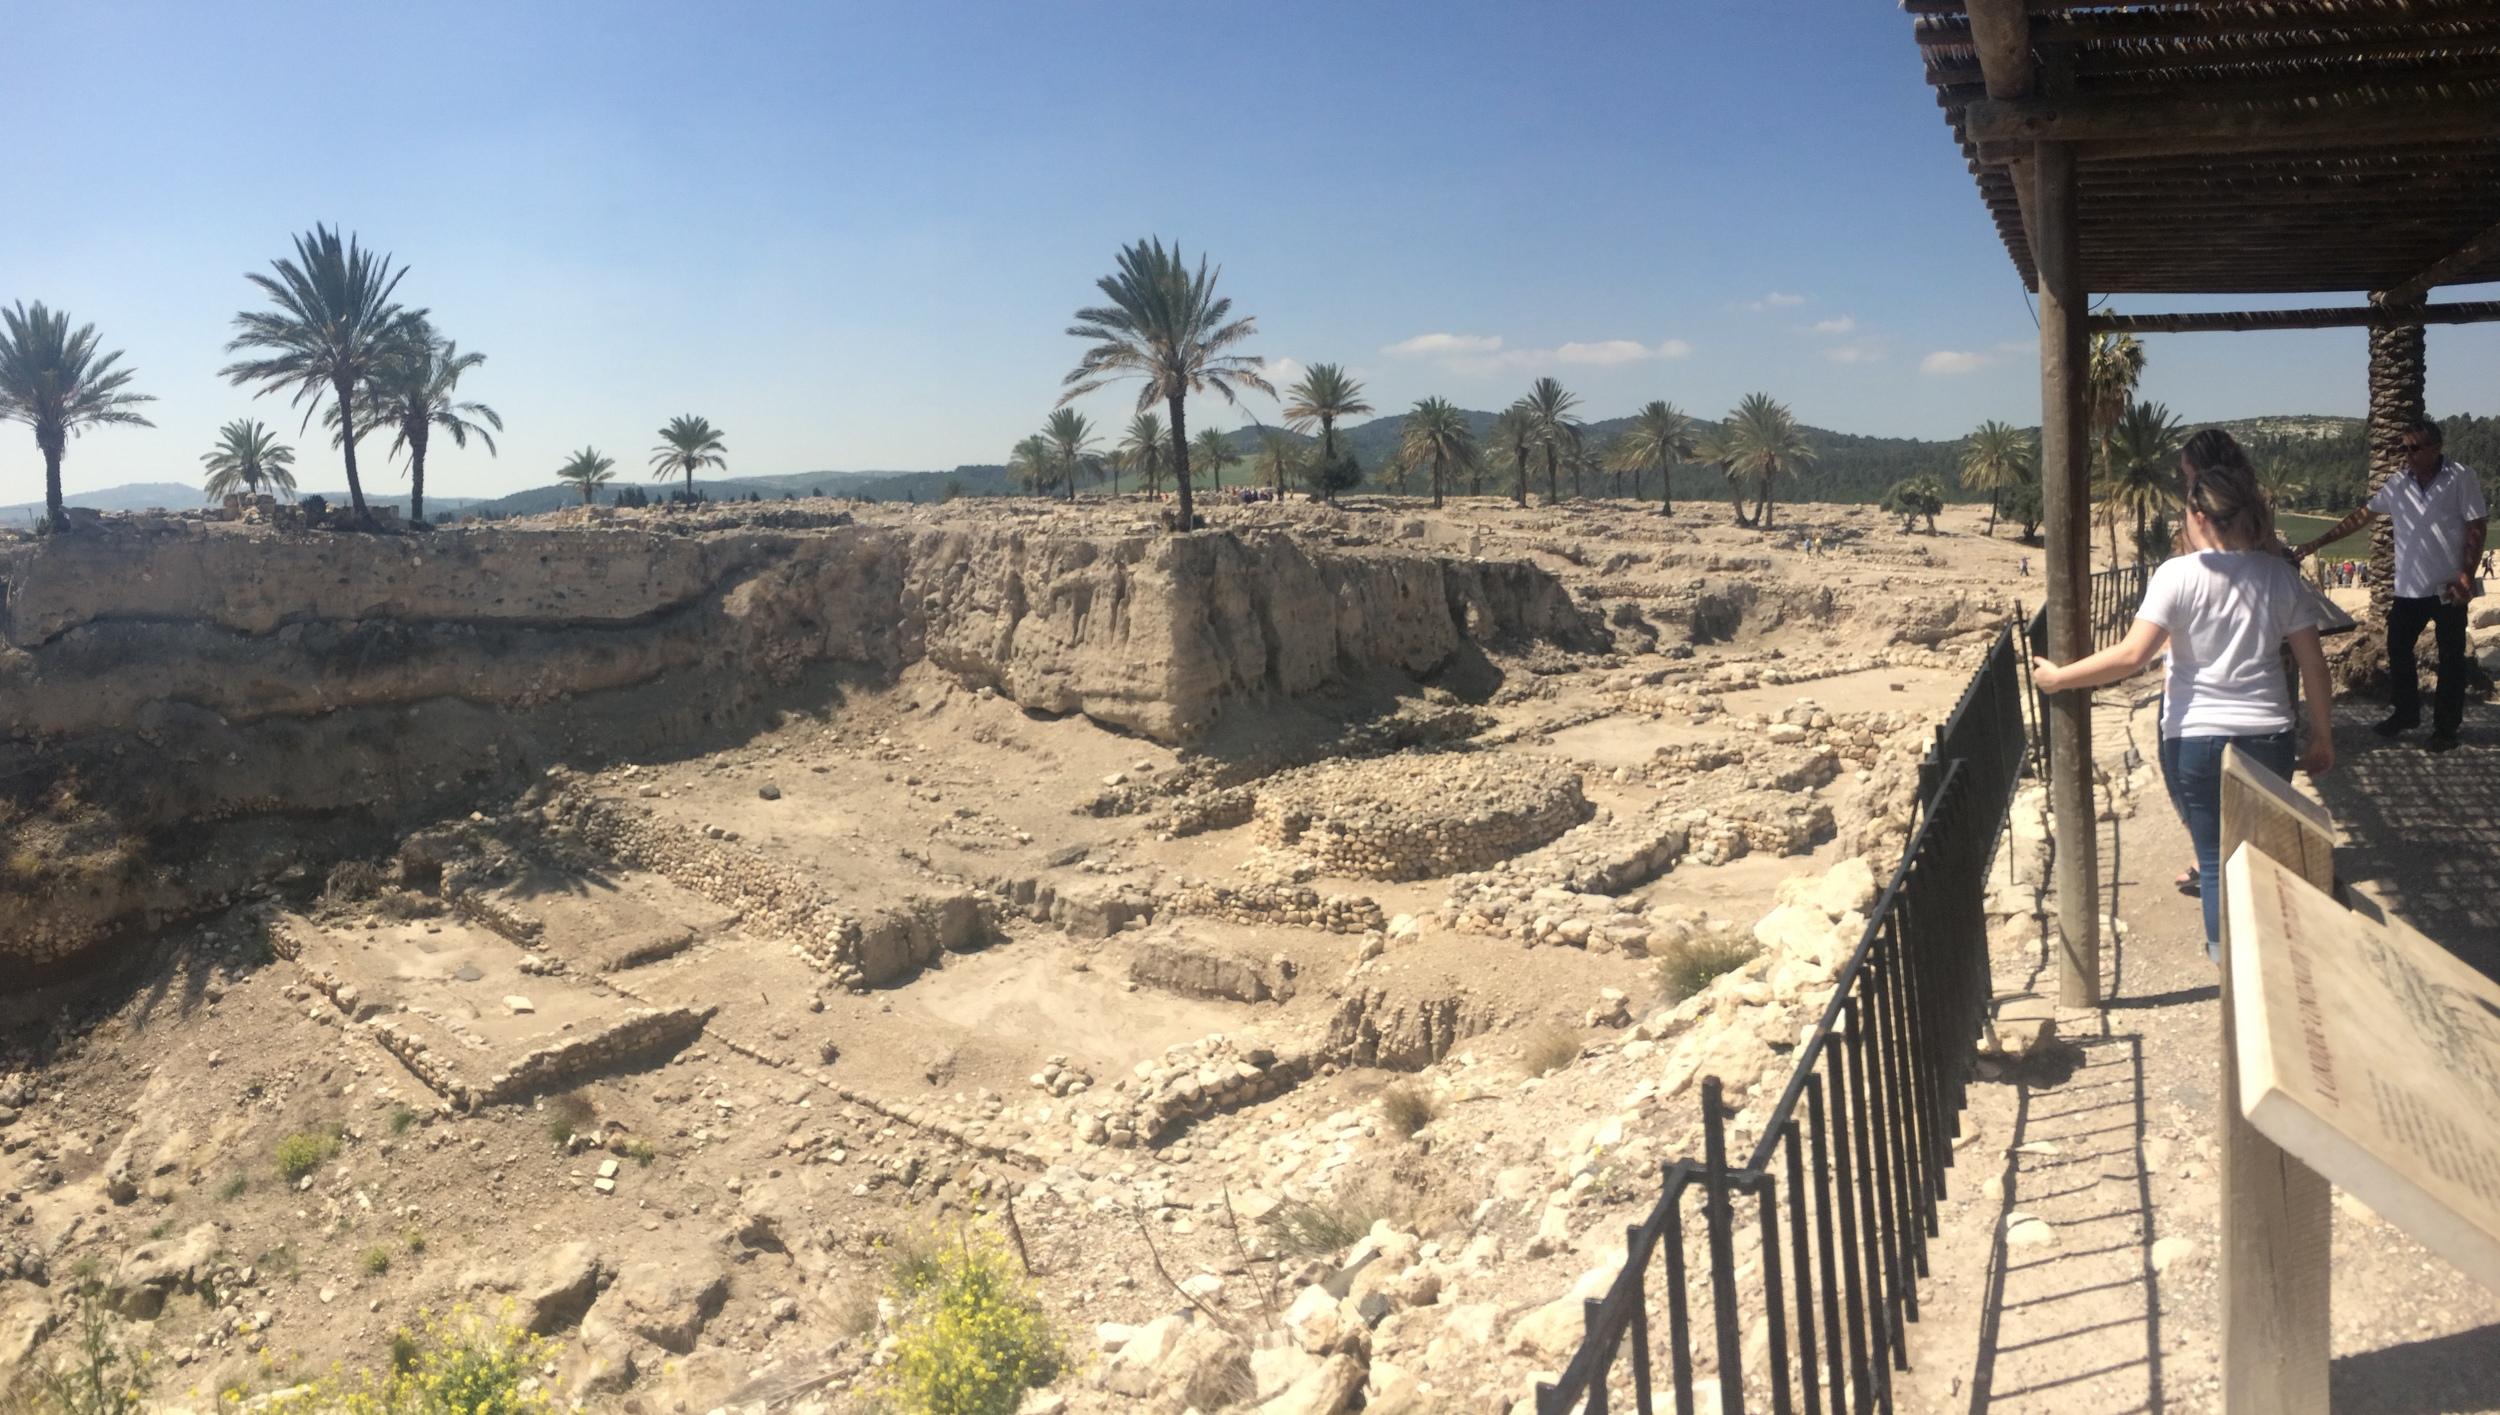 Megiddo - Armageddon